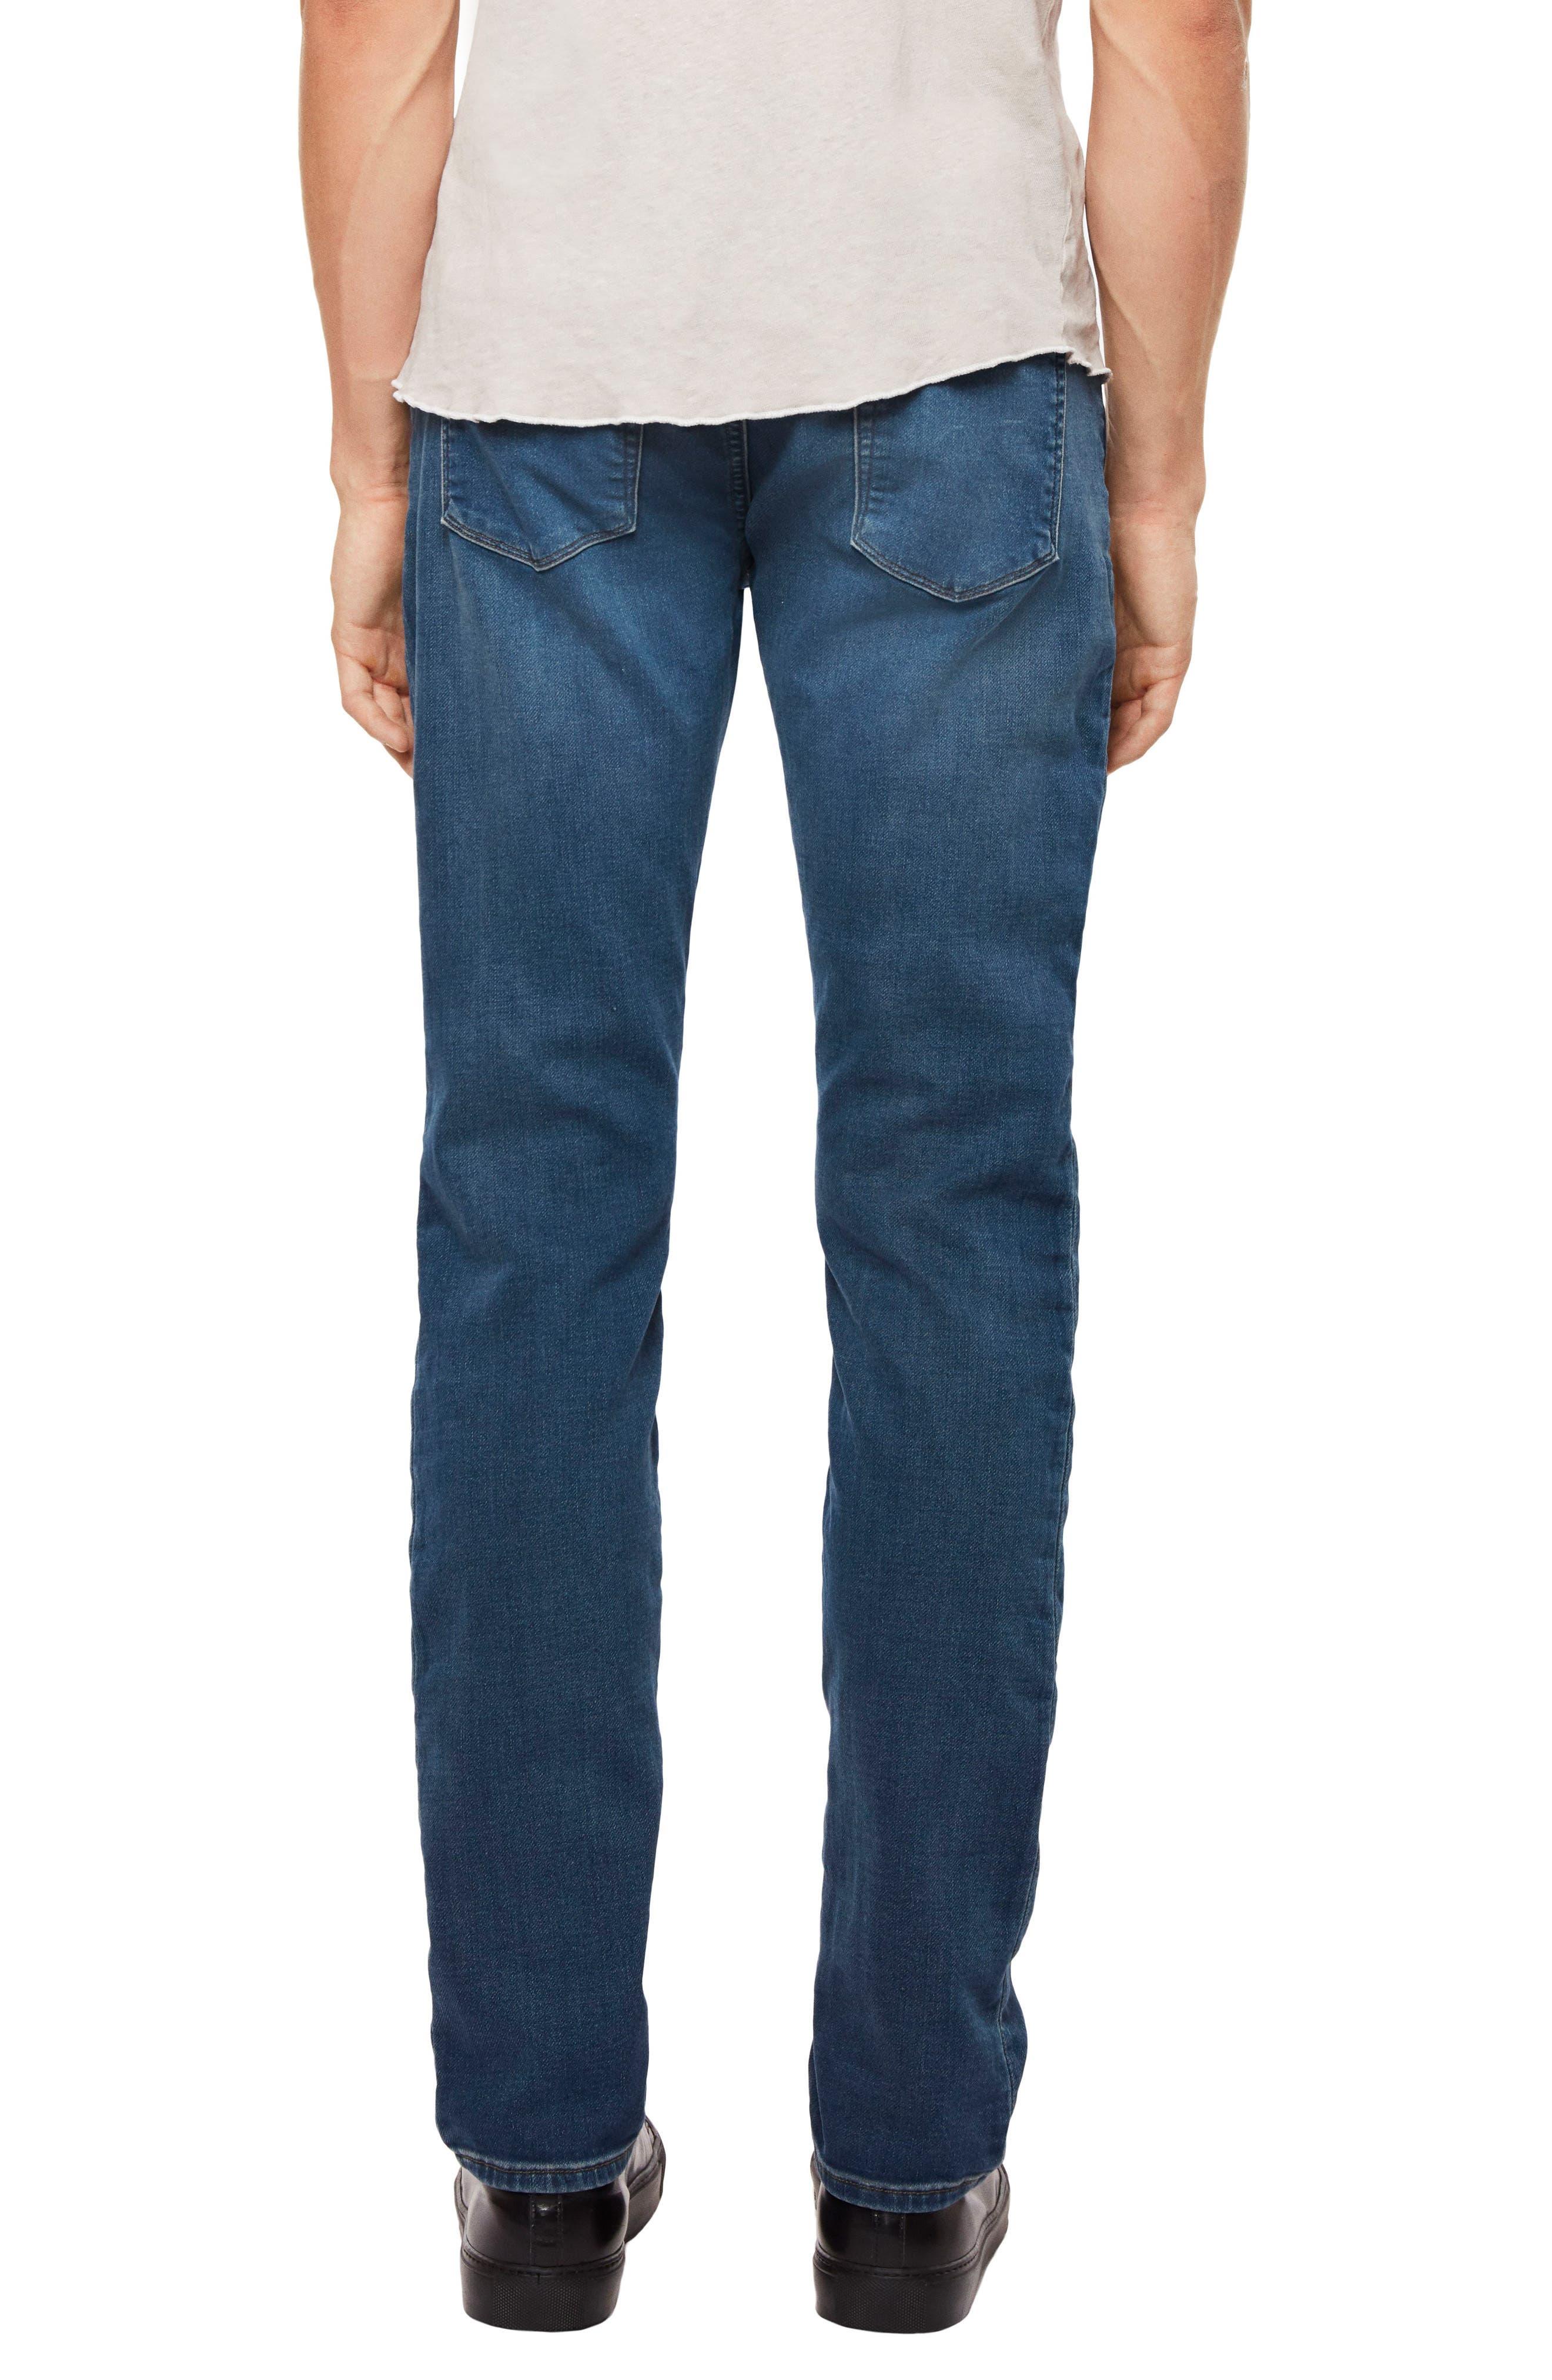 Kane Slim Straight Leg Jeans,                             Alternate thumbnail 2, color,                             454